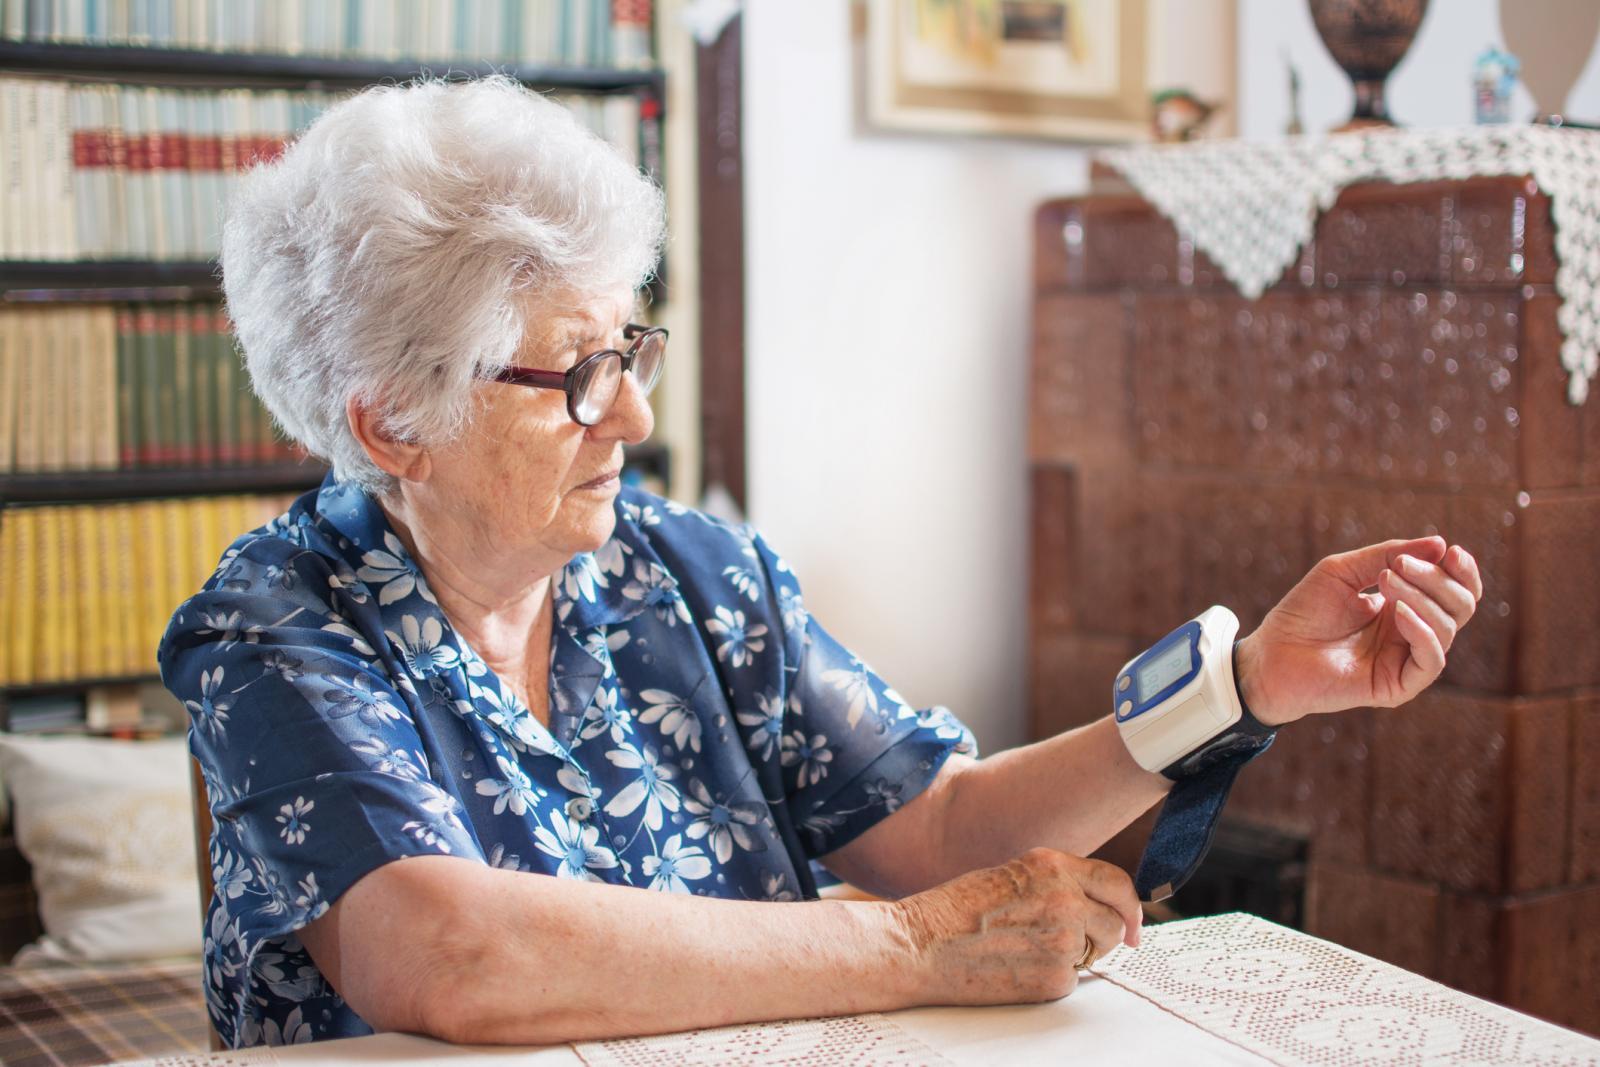 Ovo je prvi put da je dokazana povezanost između krvnog tlaka u kasnoj dobi i patoloških  promjena u mozgu.